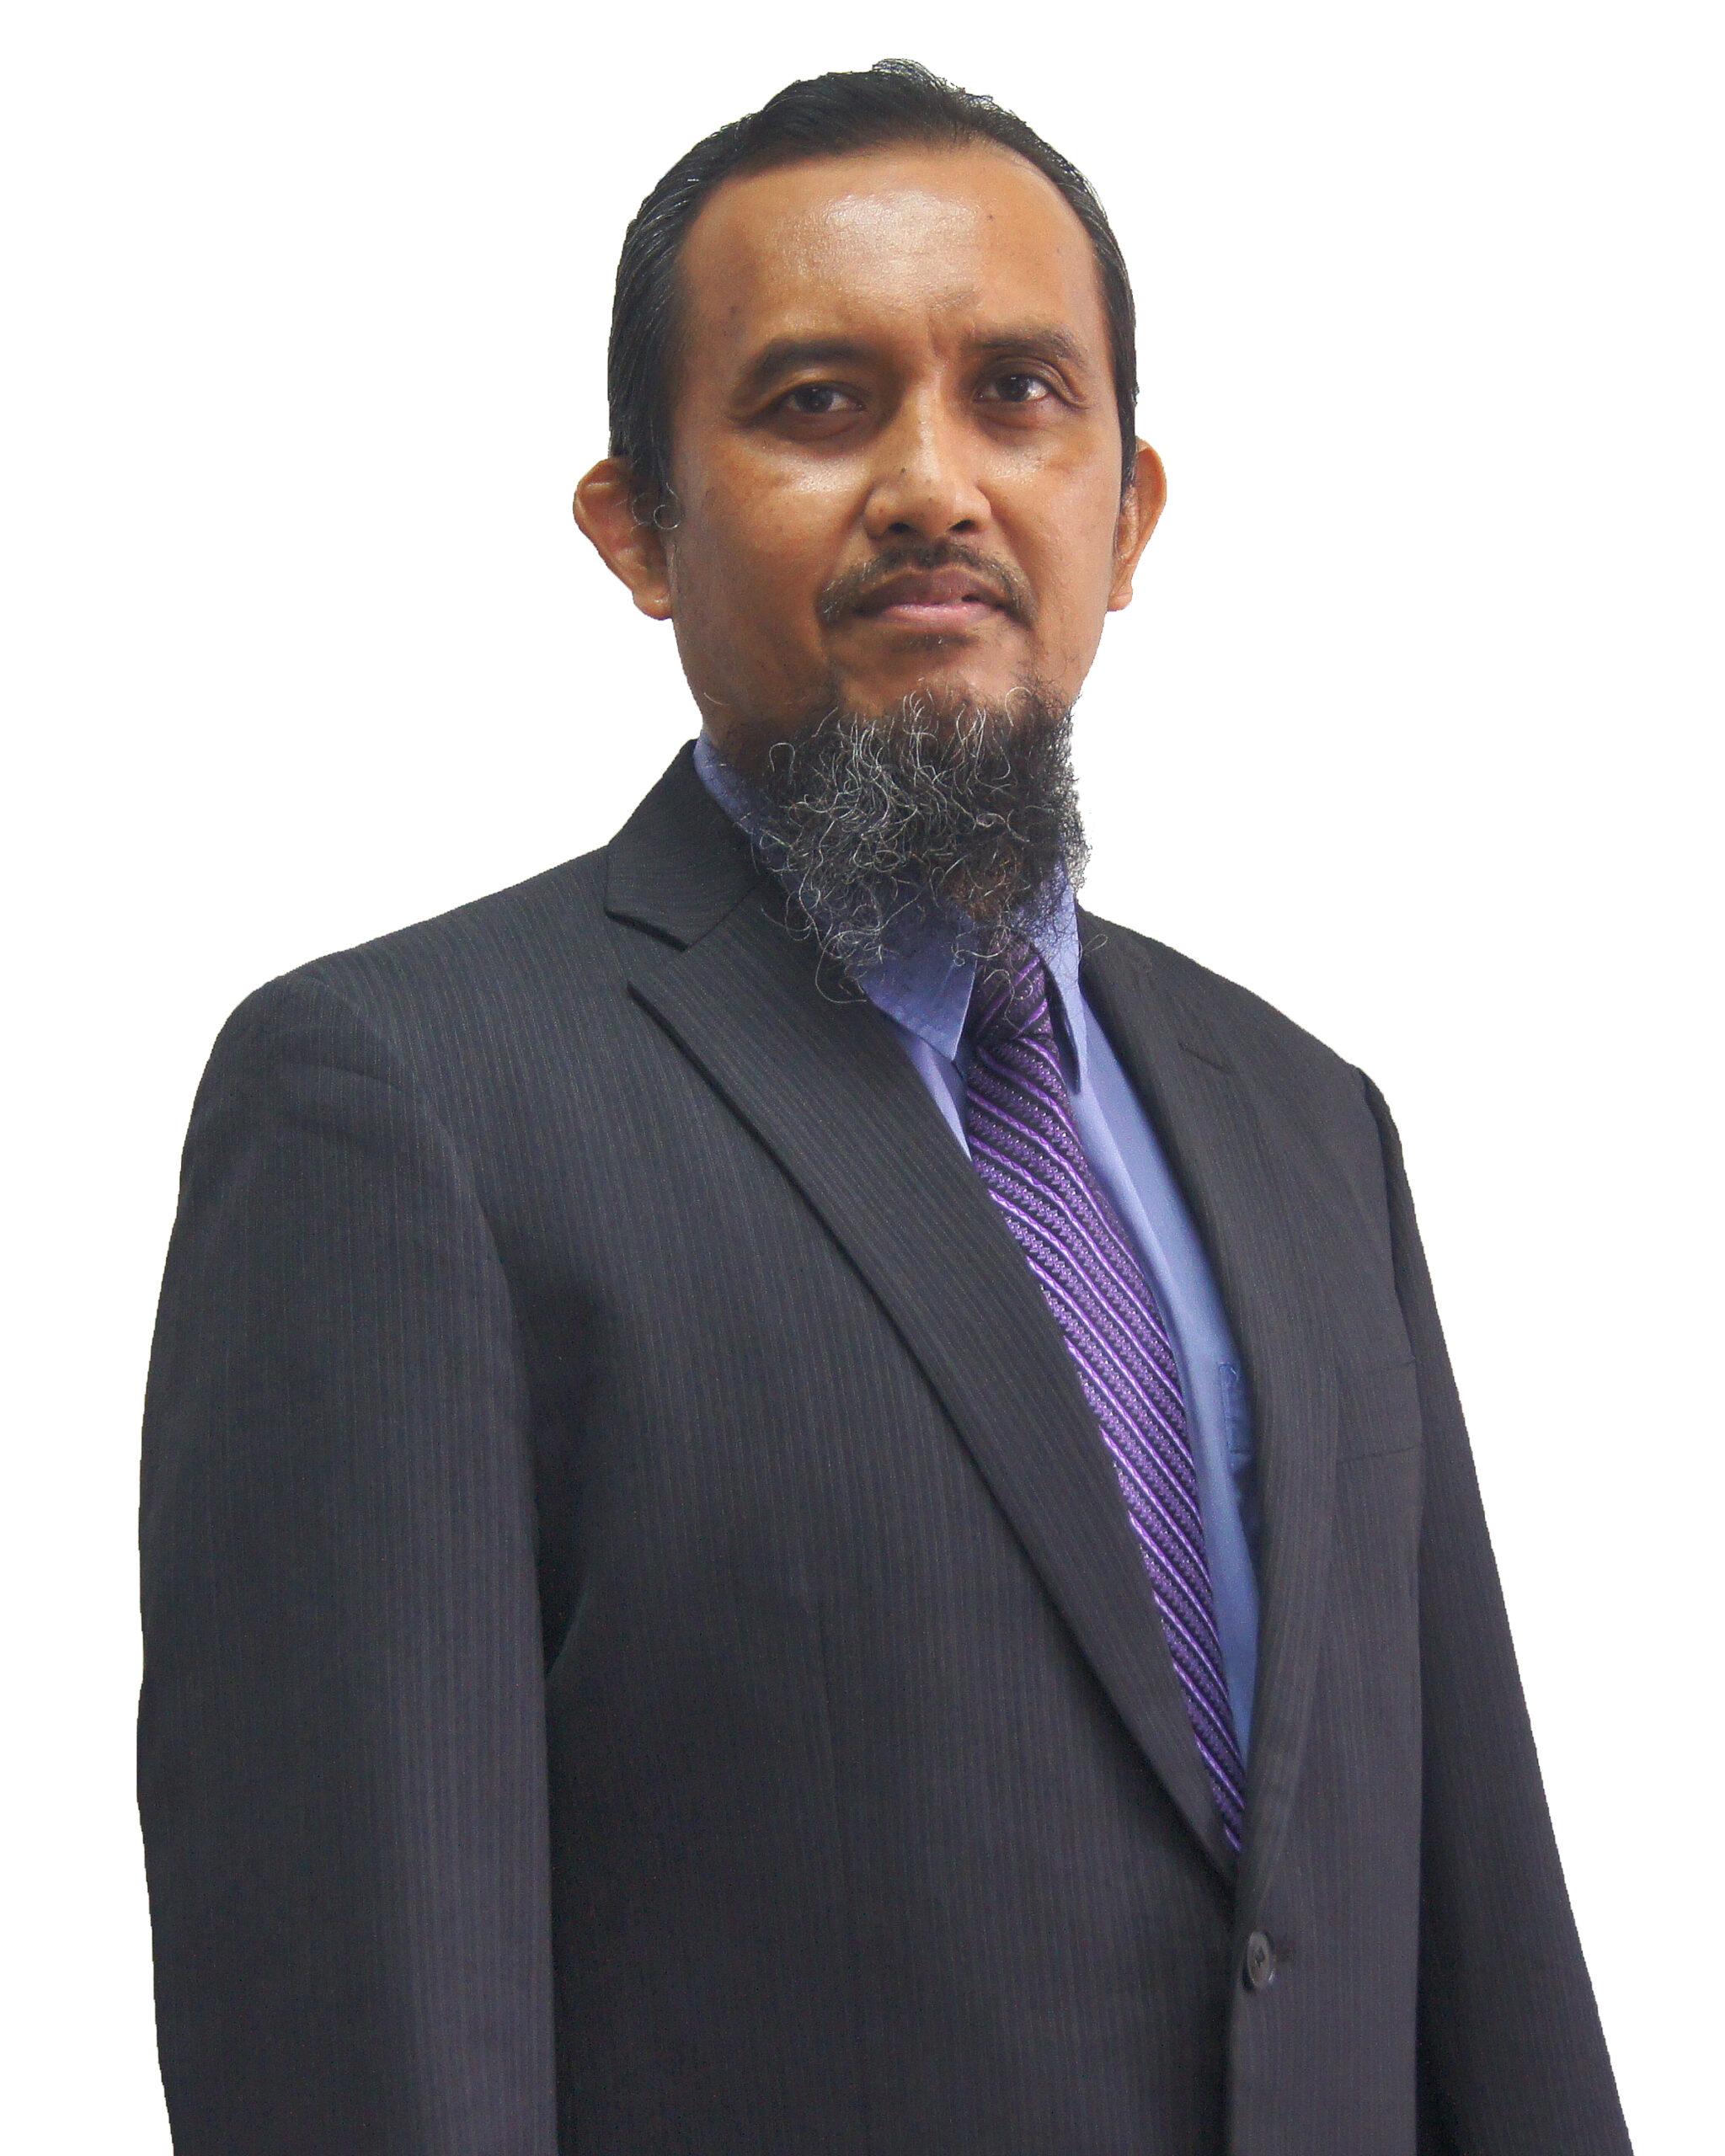 Murhisham Bin Mukhazir